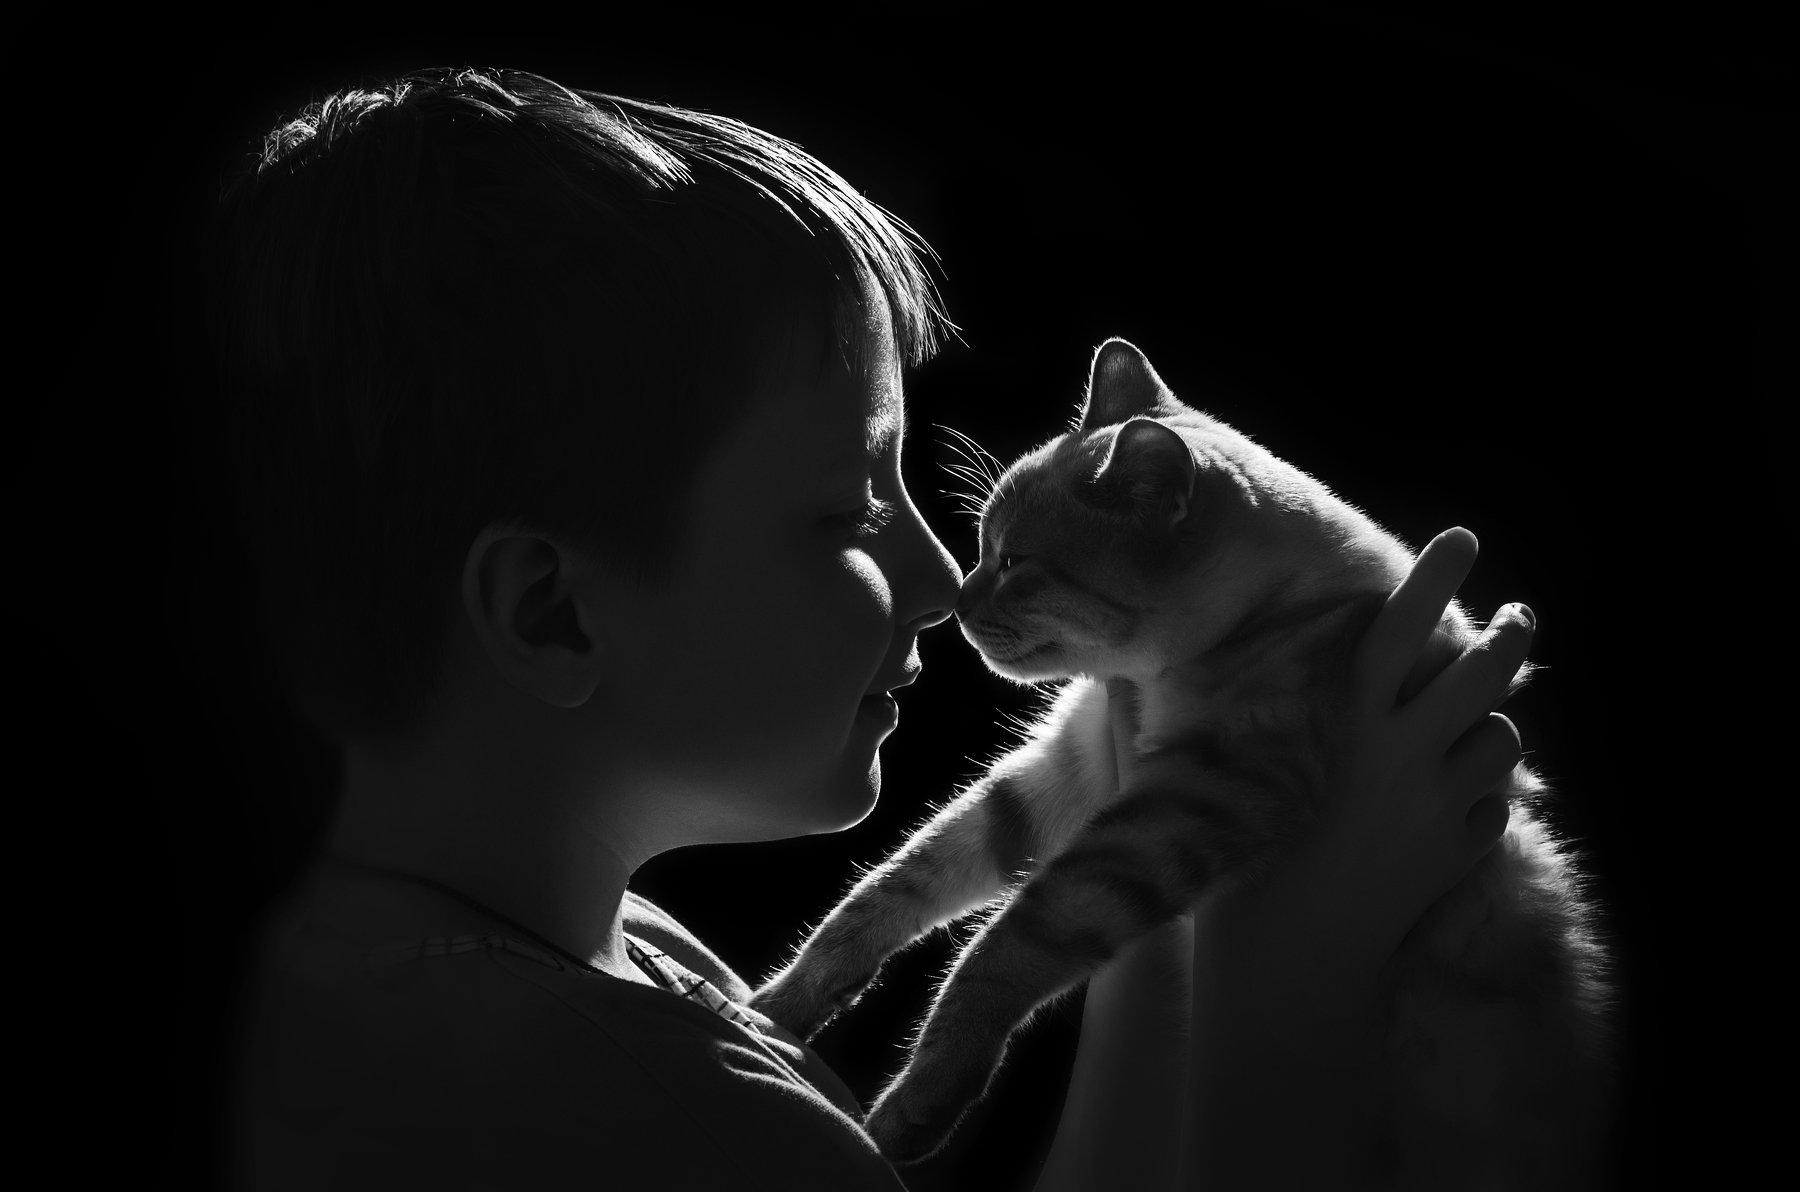 котёнок,ребёнок,дружба,дети,чёрно-белый,контур, Володин Владимир